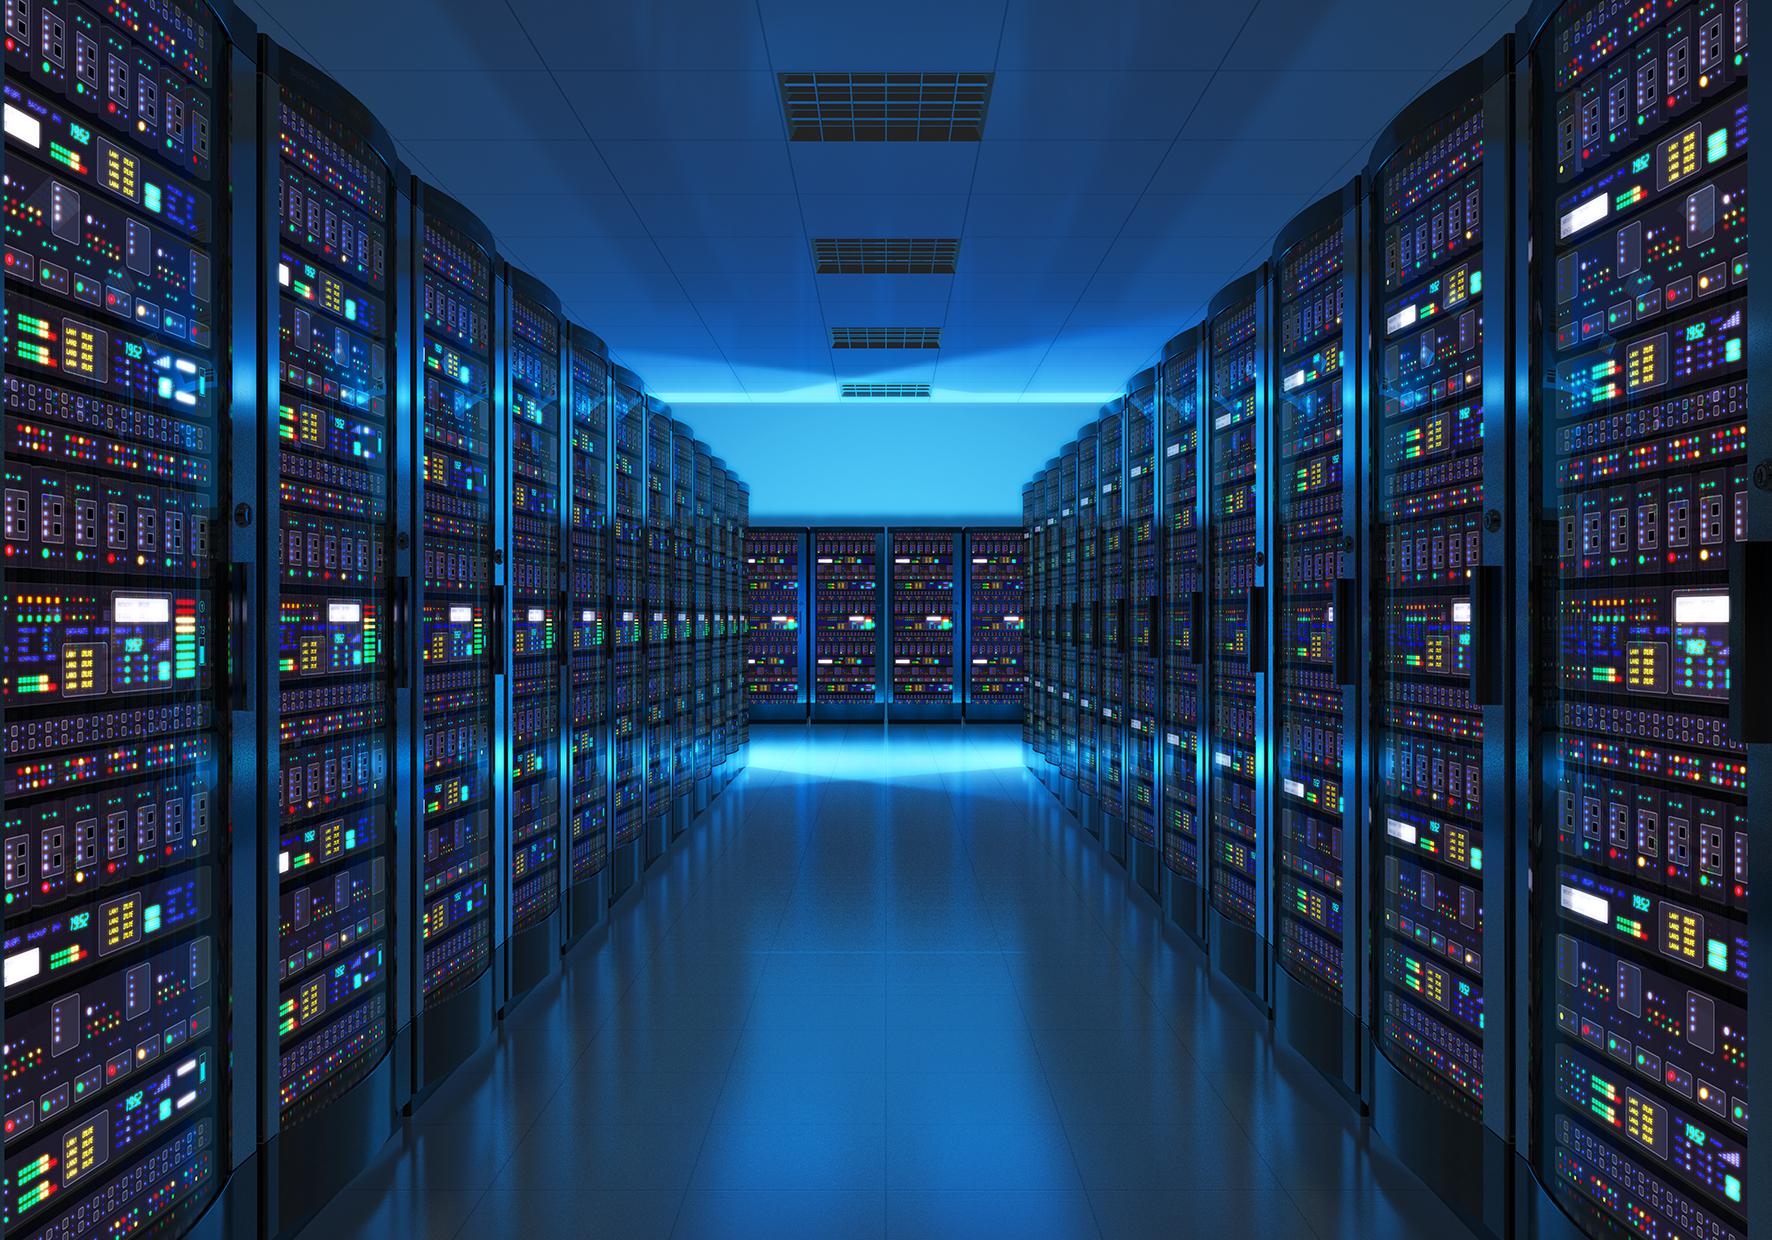 Supercomputadores da RFB, os dedos duros dos contribuintes